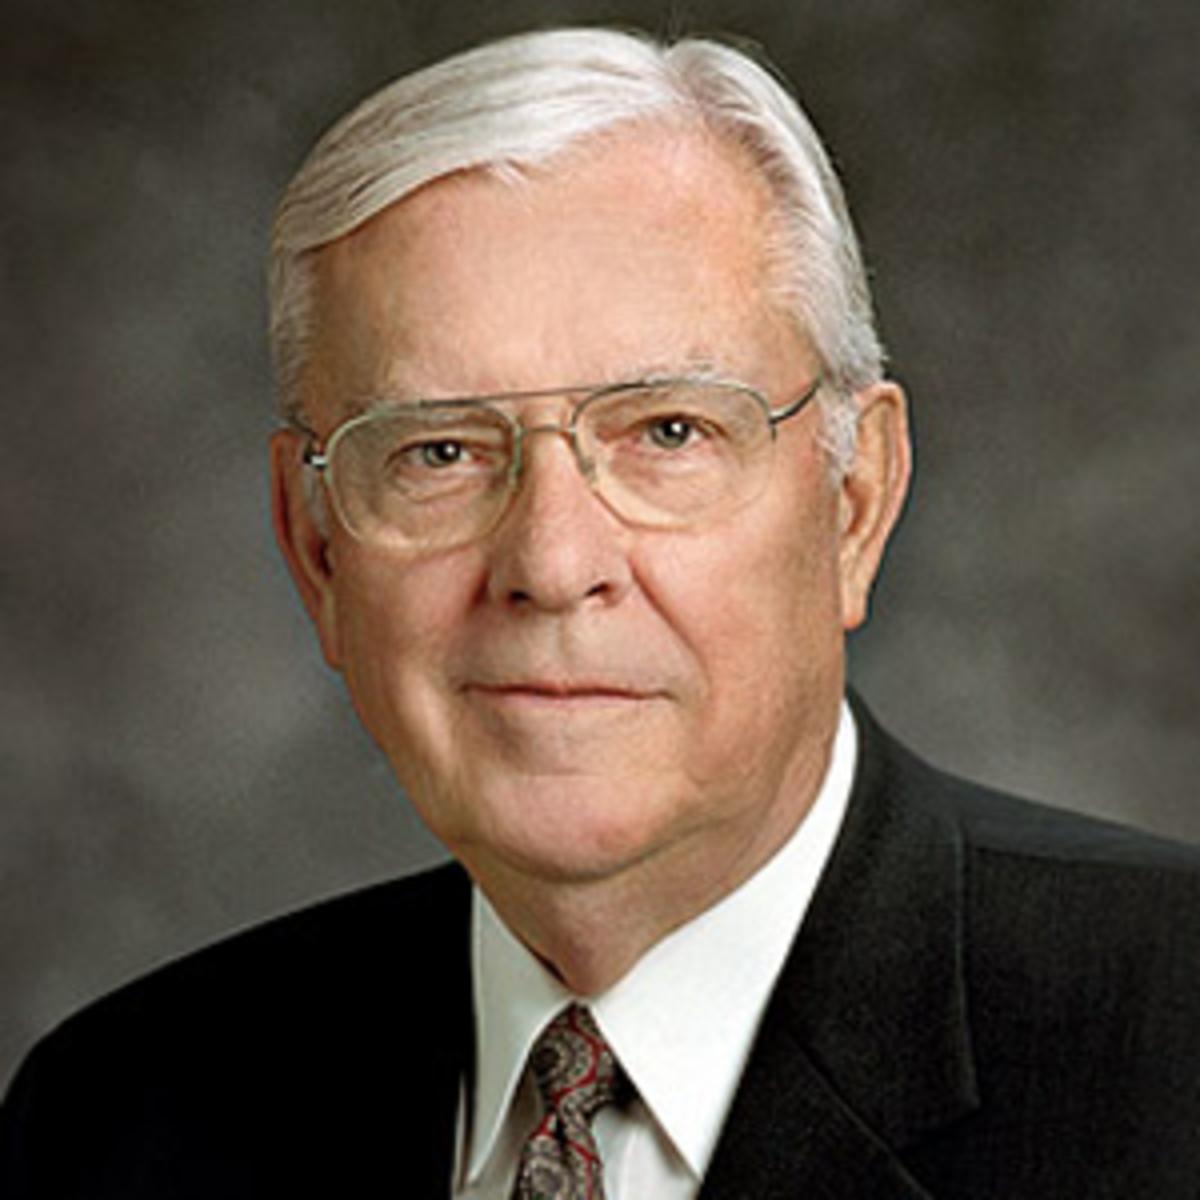 Elder M Russel Ballard